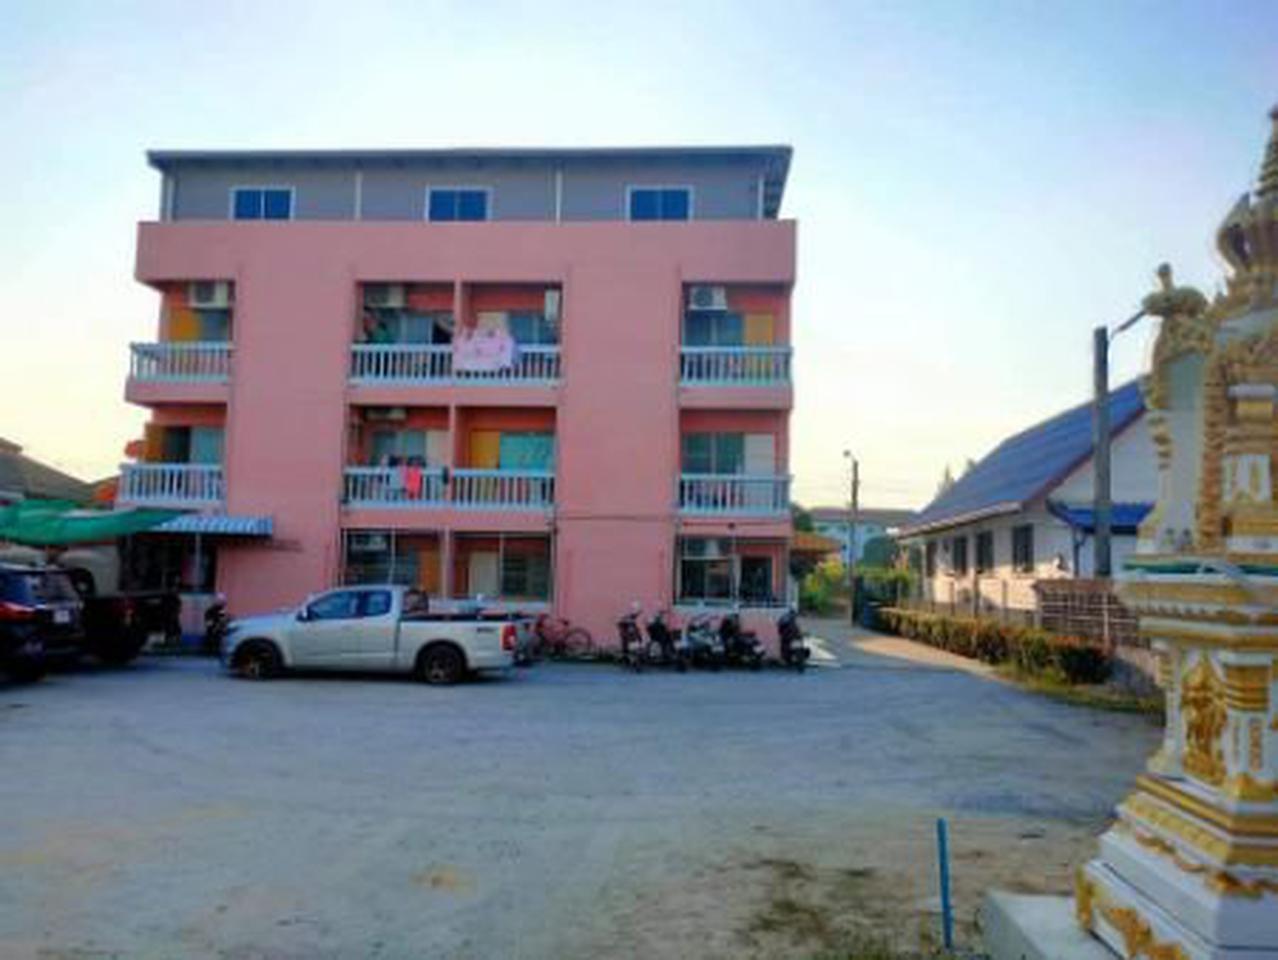 ให้เช่า อพาร์ทเม้นท์ หอพักตึกสีส้ม ขนาด 28 ตรว. พื้นที่ 112 ตรม. รูปที่ 6